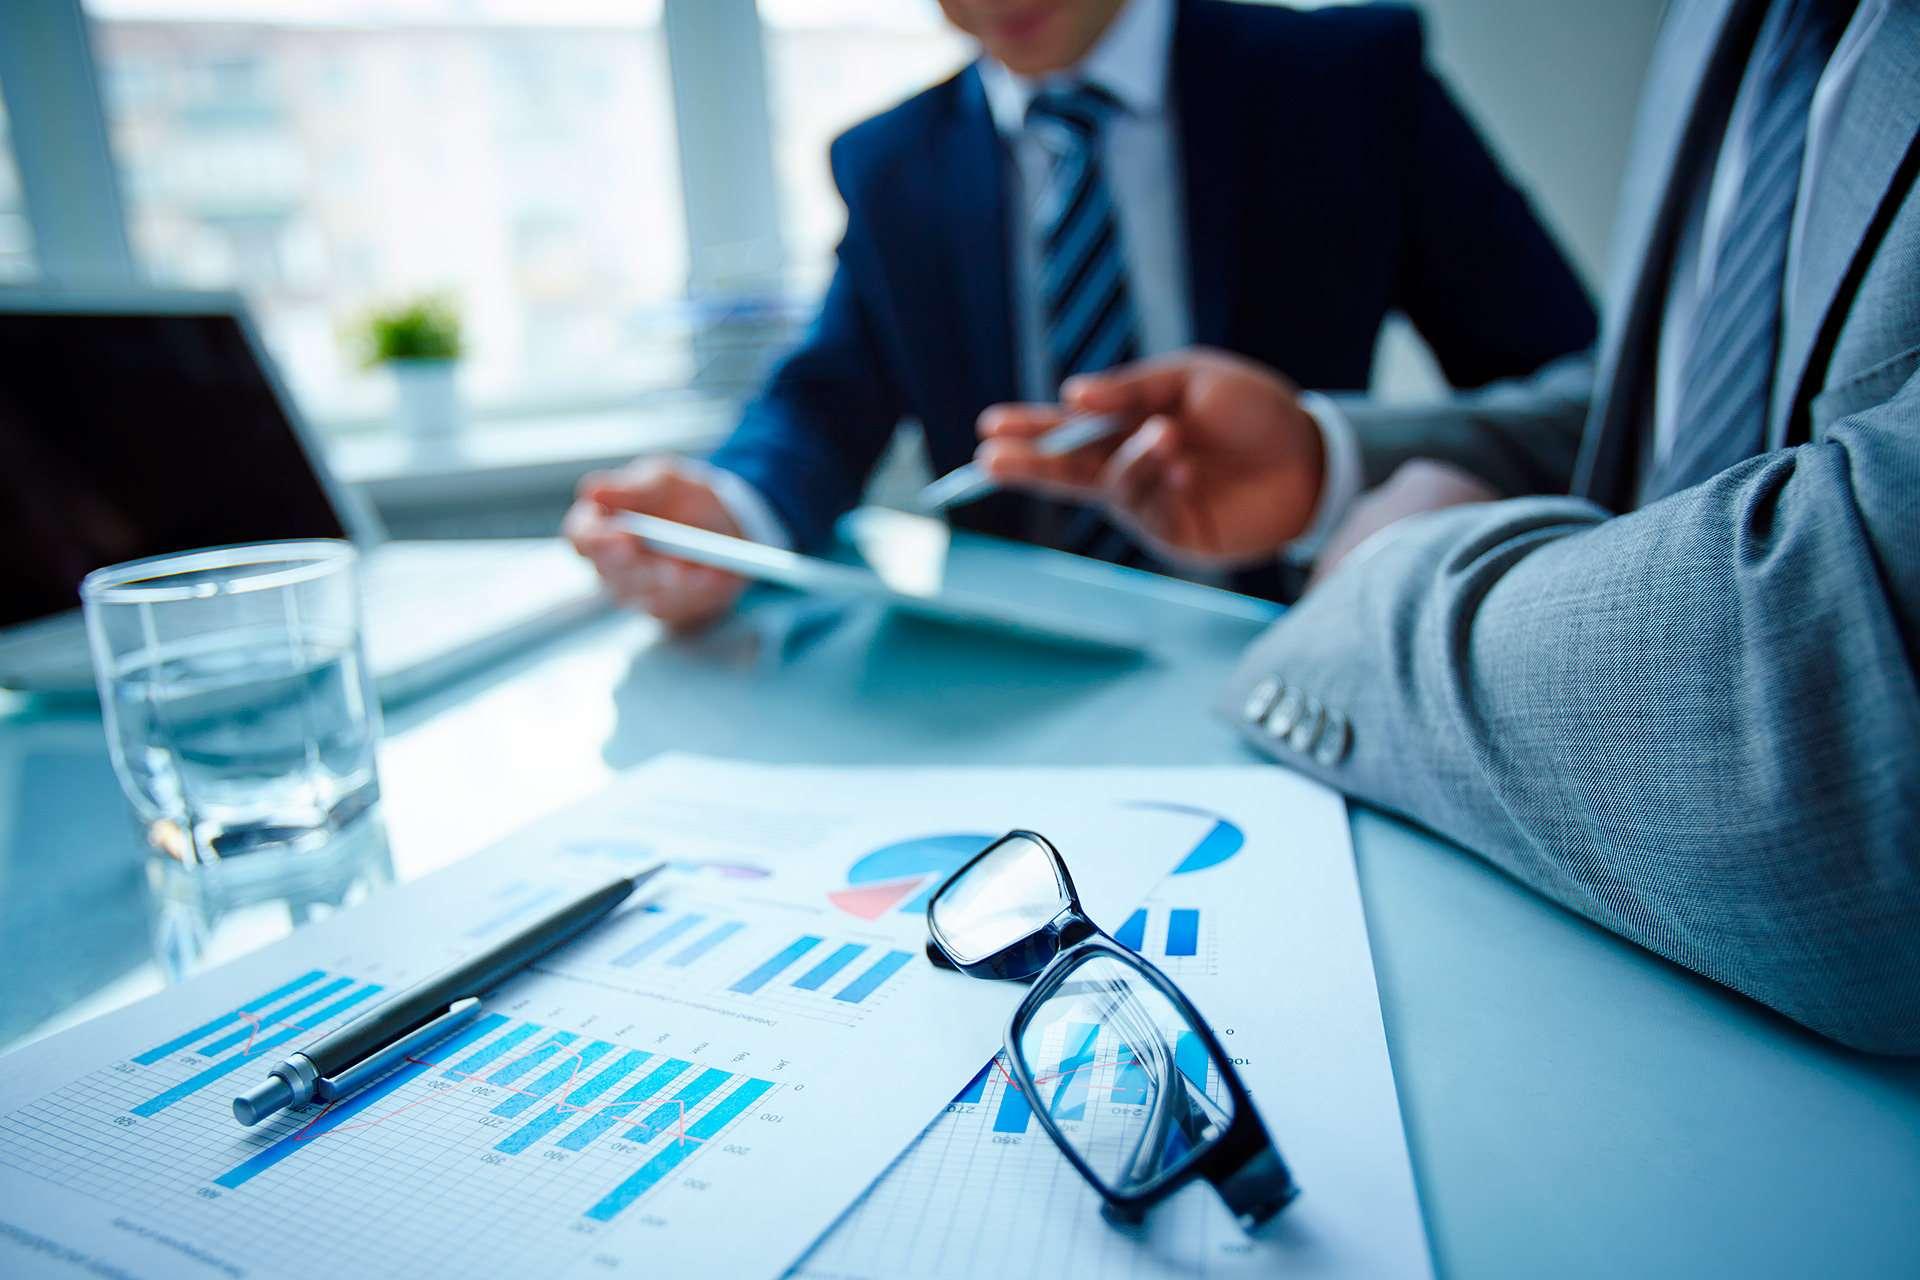 Управление по труду, занятости и социальной защите Лидского райисполкома объявляет набор неработающих граждан для бесплатного обучения с выплатой стипендии по специальности «Повар»